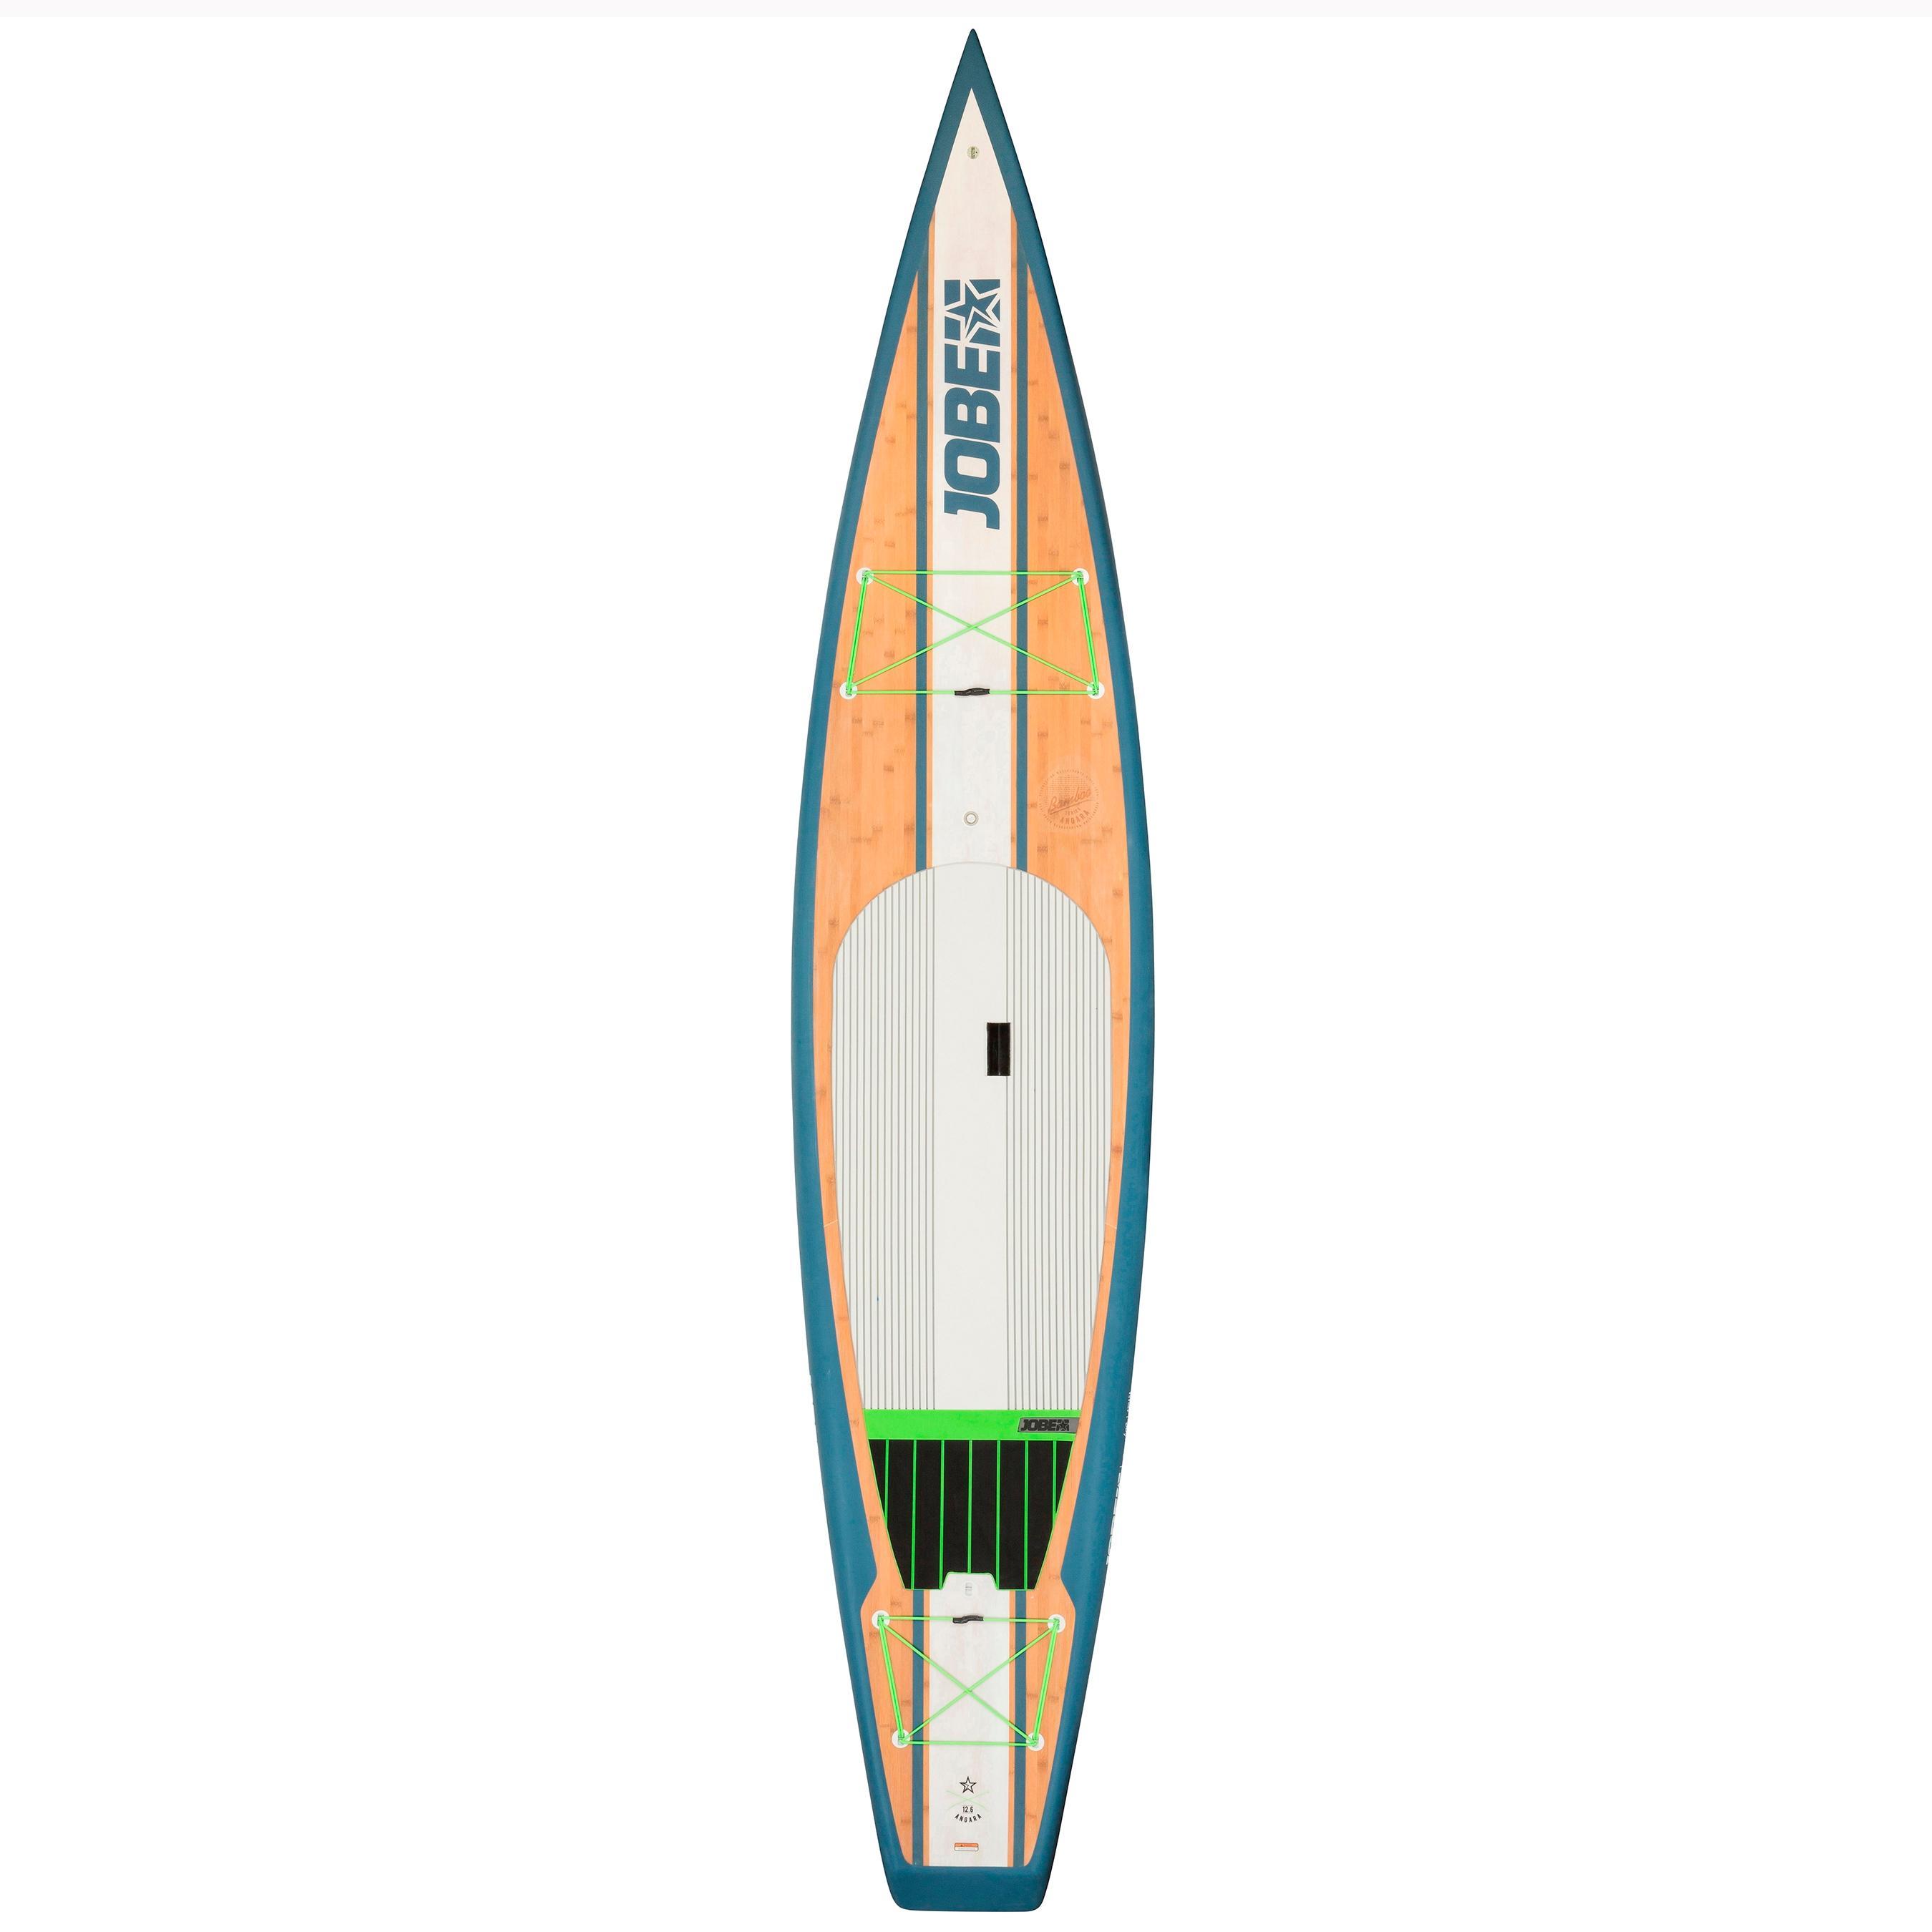 Jobe Hard supboard Angara 12'6 - 210 l